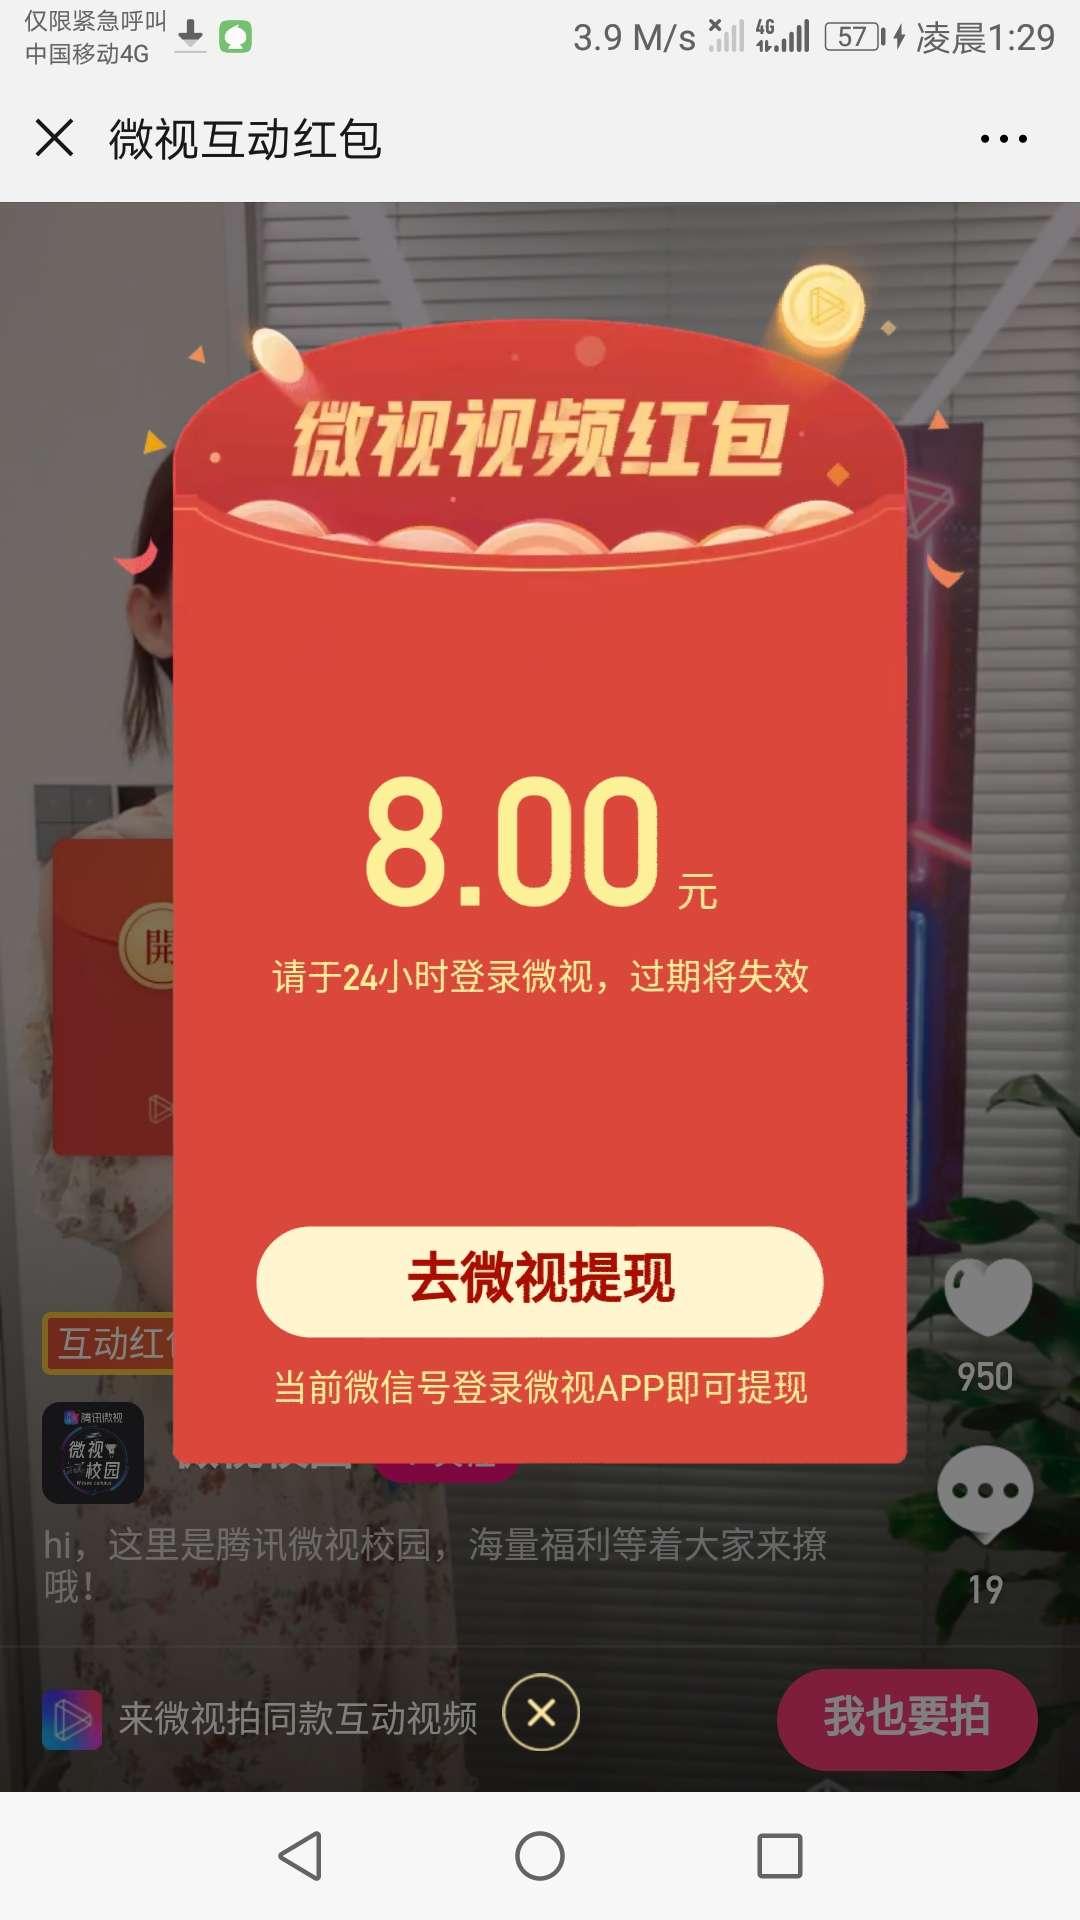 【现金红包】微视视频必得微信红包秒到-100tui.cn